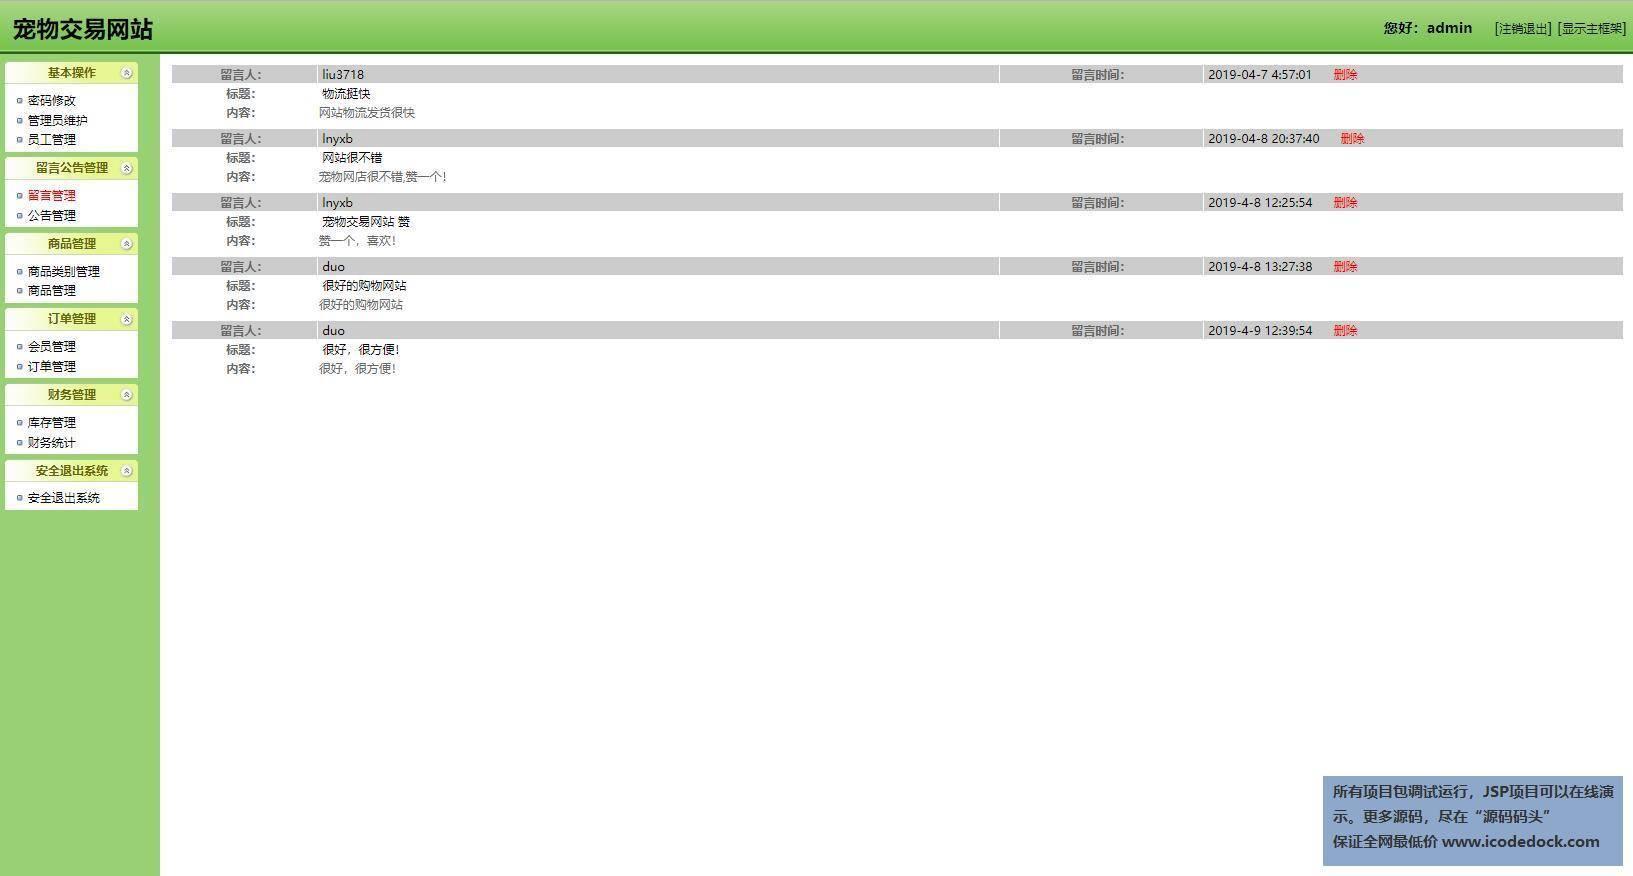 源码码头-SSH宠物交易管理系统-管理员角色-留言管理